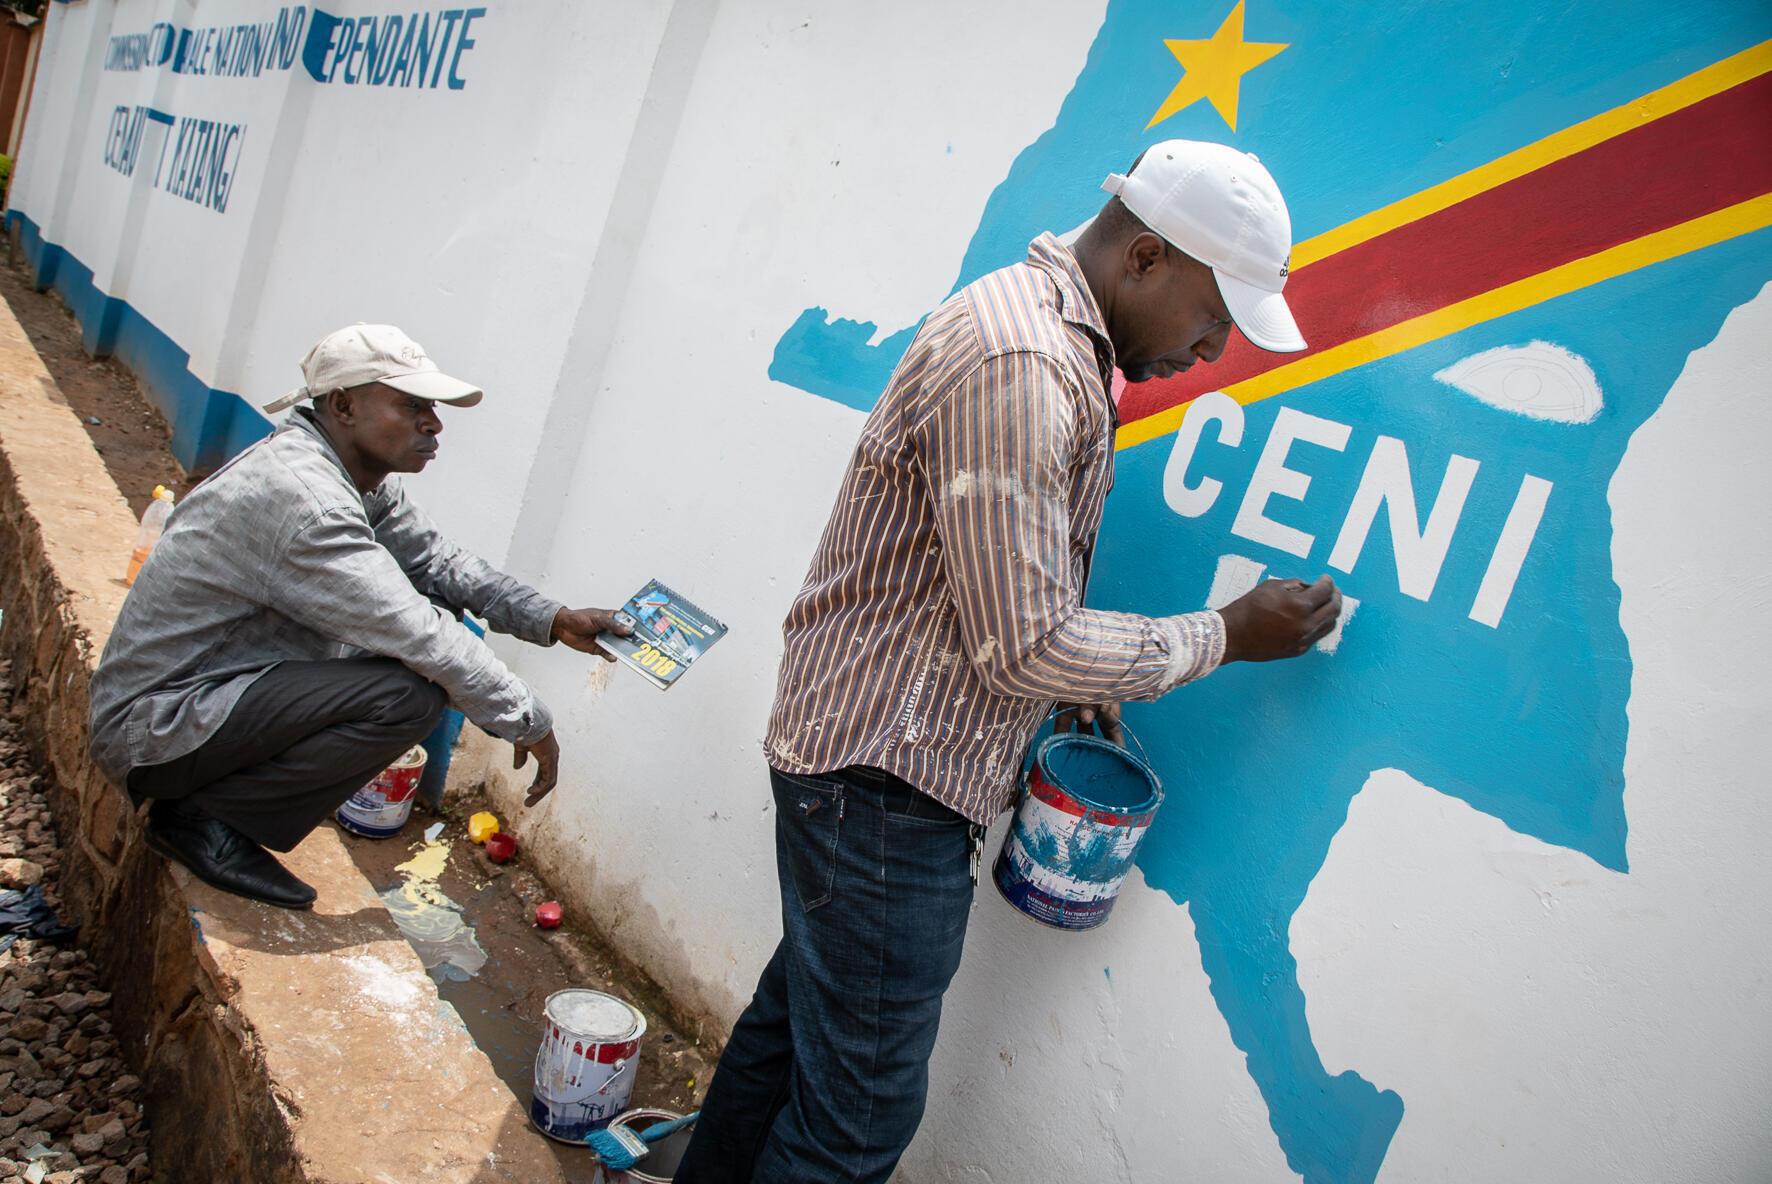 La Ceni a annoncé jeudi le report d'une semaine des élections en RDC.